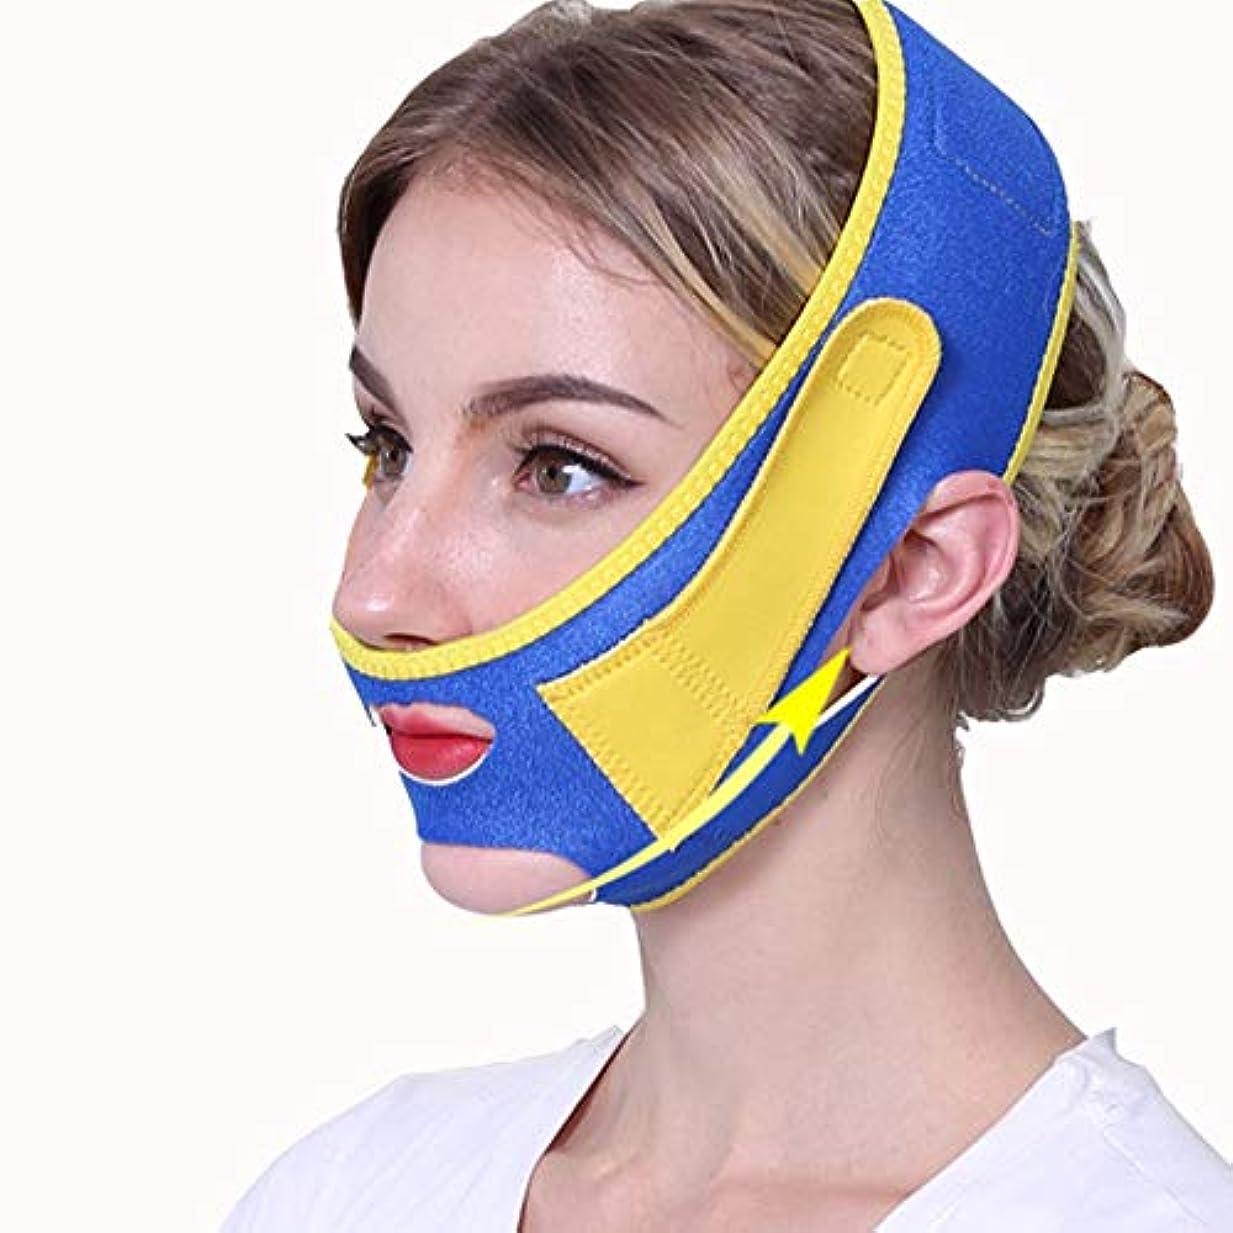 まだ電子ひそかにフェイシャルリフティング痩身ベルトフェイス包帯マスク整形マスクフェイスベルトを引き締める薄型フェイス包帯整形マスクフェイスと首の顔を引き締めスリム